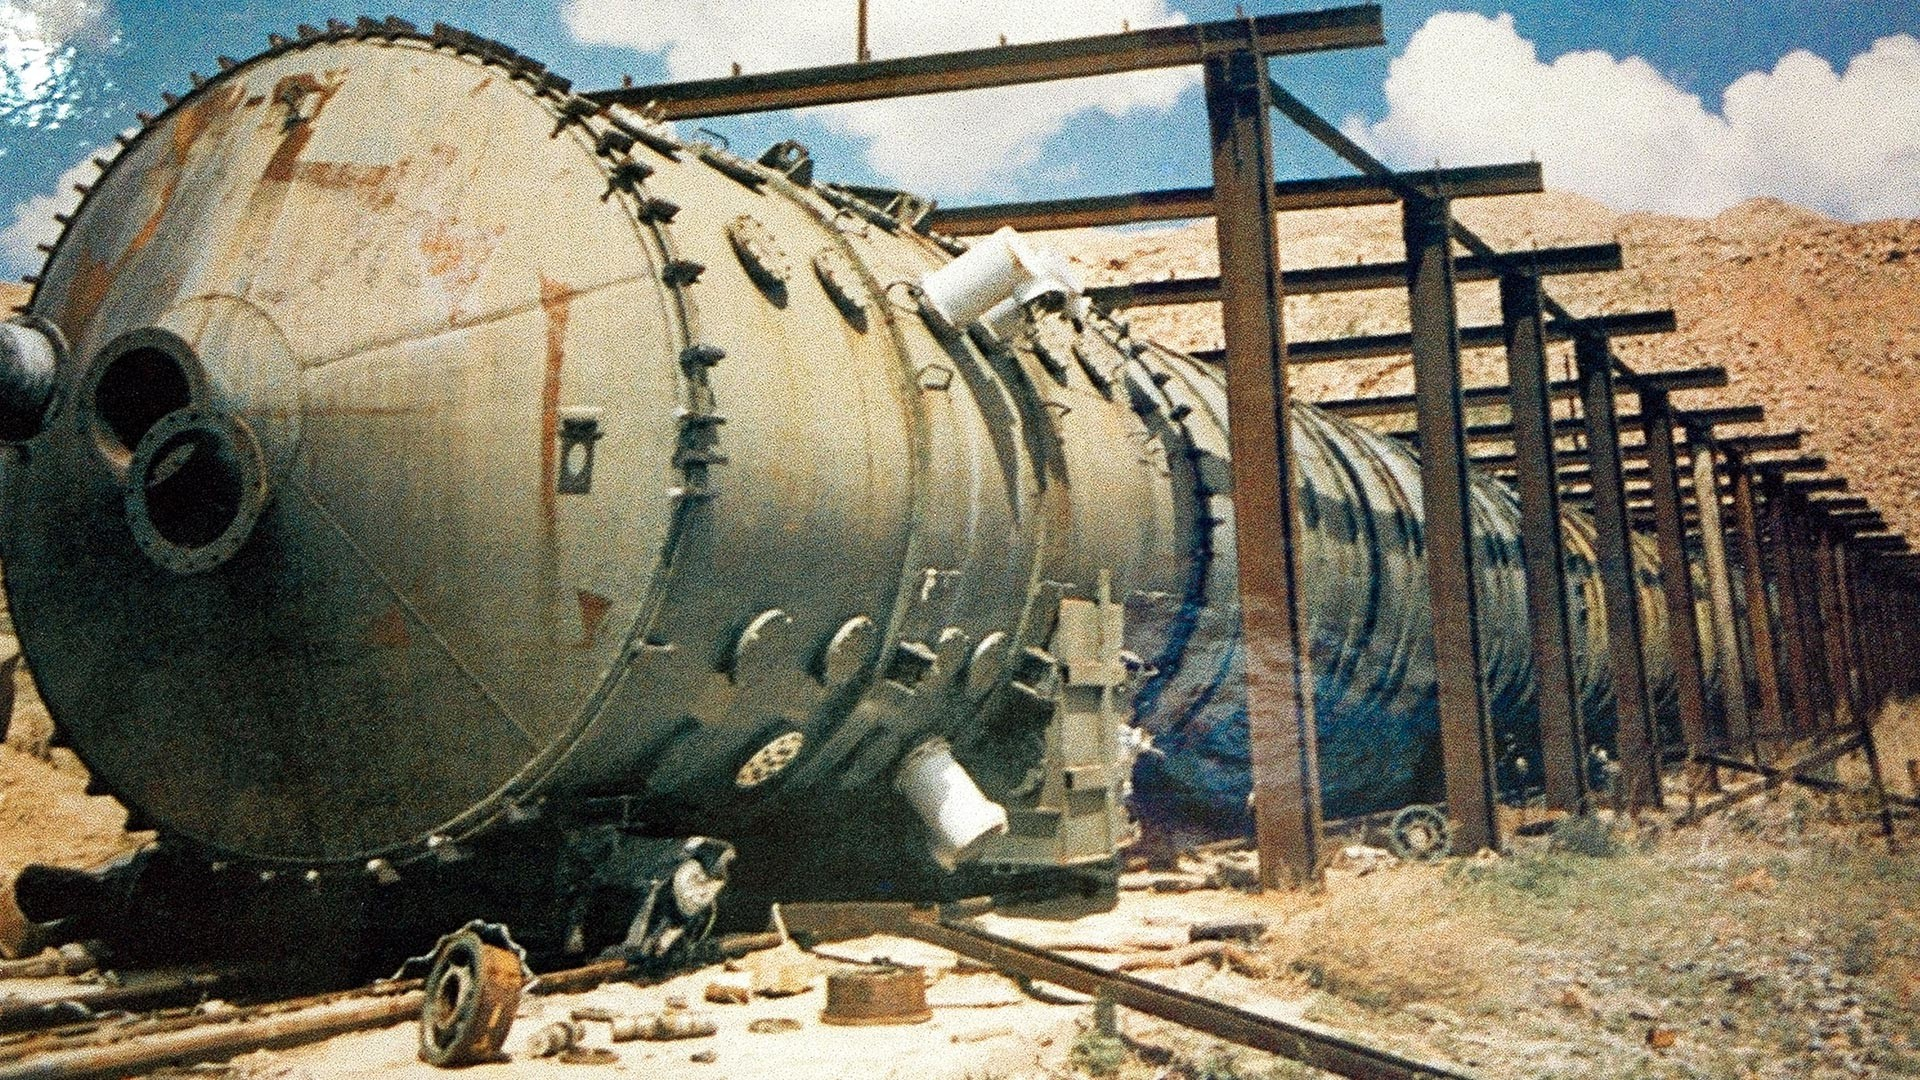 Caisson à vide pour l'évacuation de l'énergie nucléaire d'une explosion